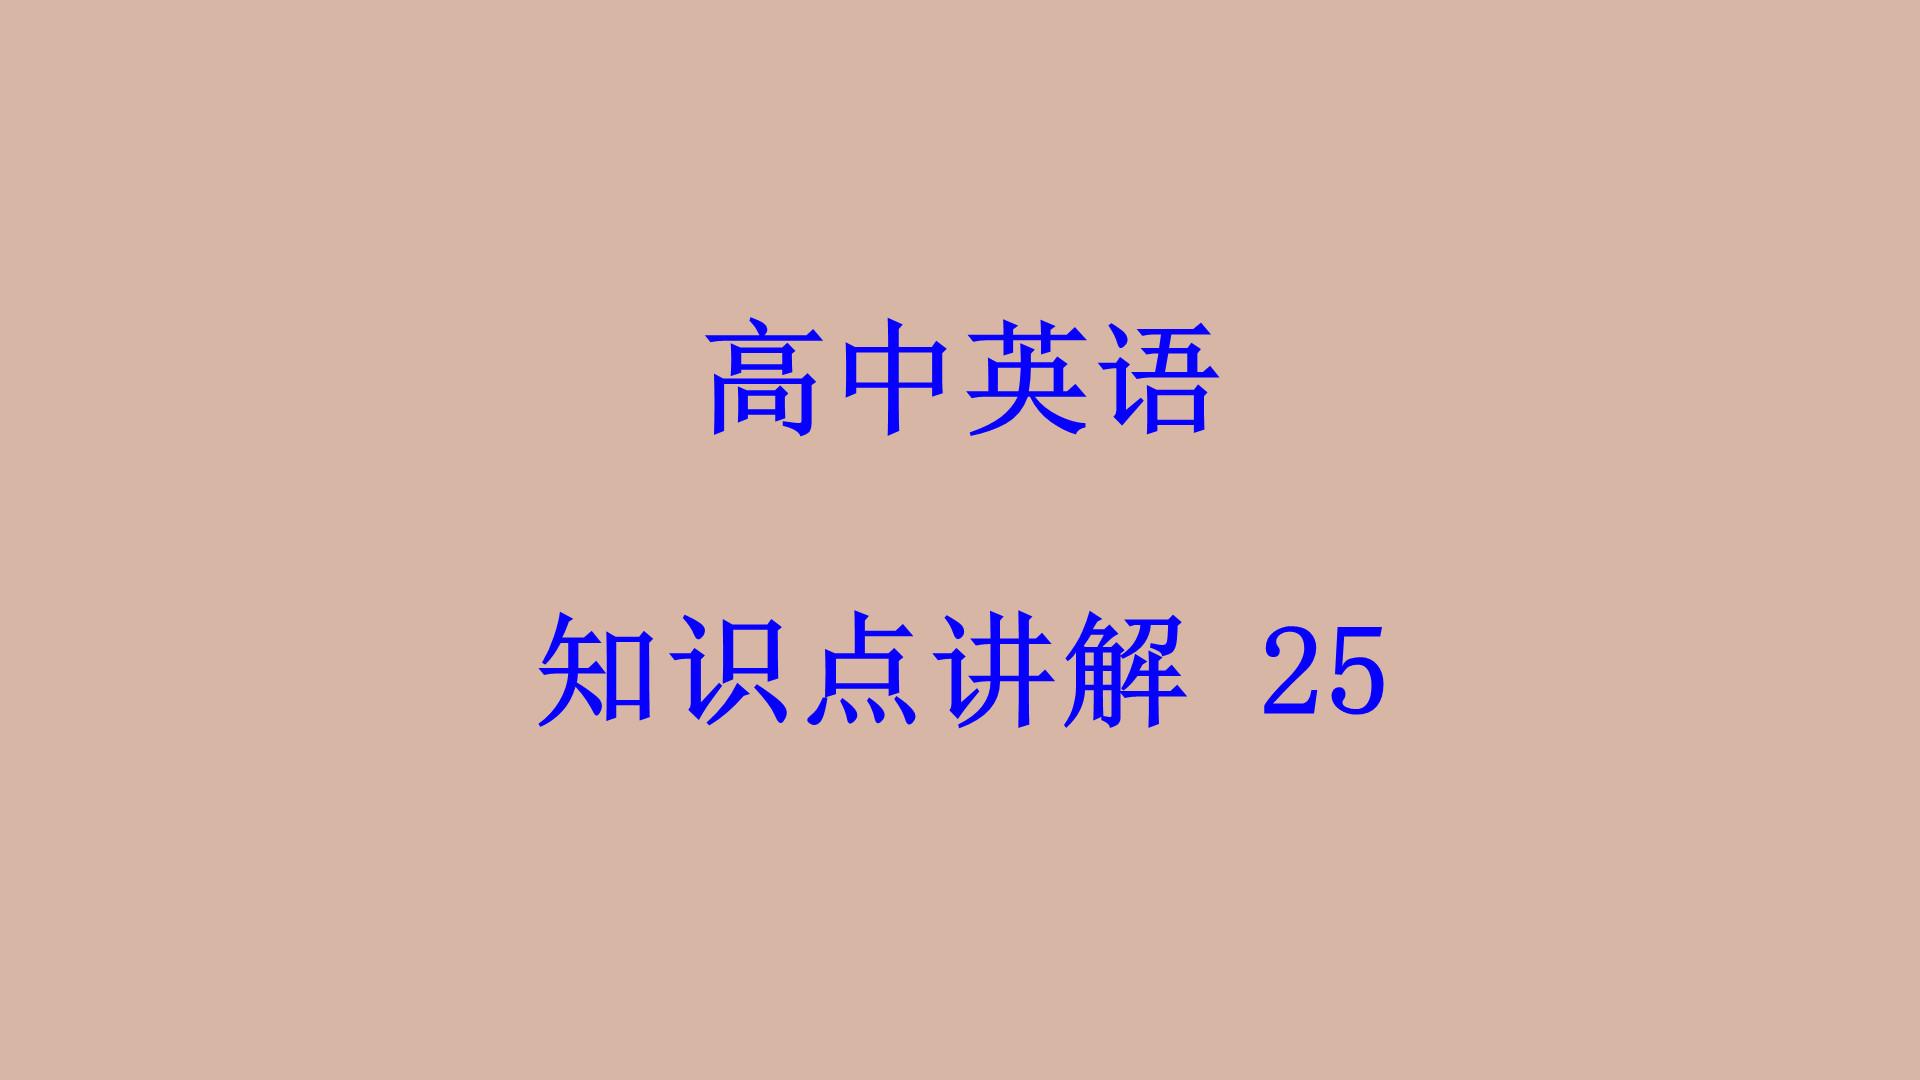 高中英语基础知识讲解25